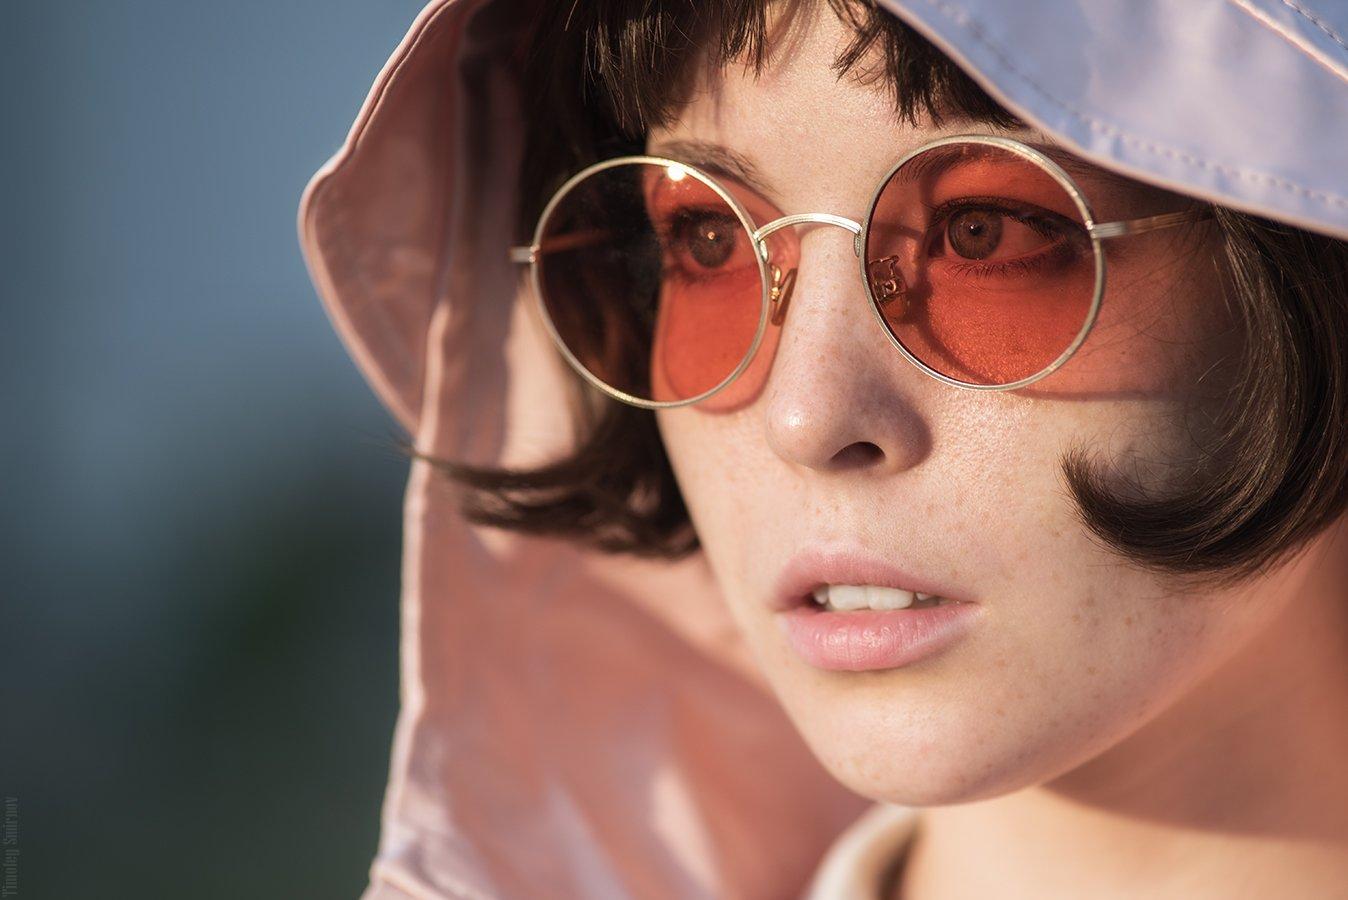 девушка, портрет, милая, cute, girl, portrait, очки, glasses, Тимофей Смирнов